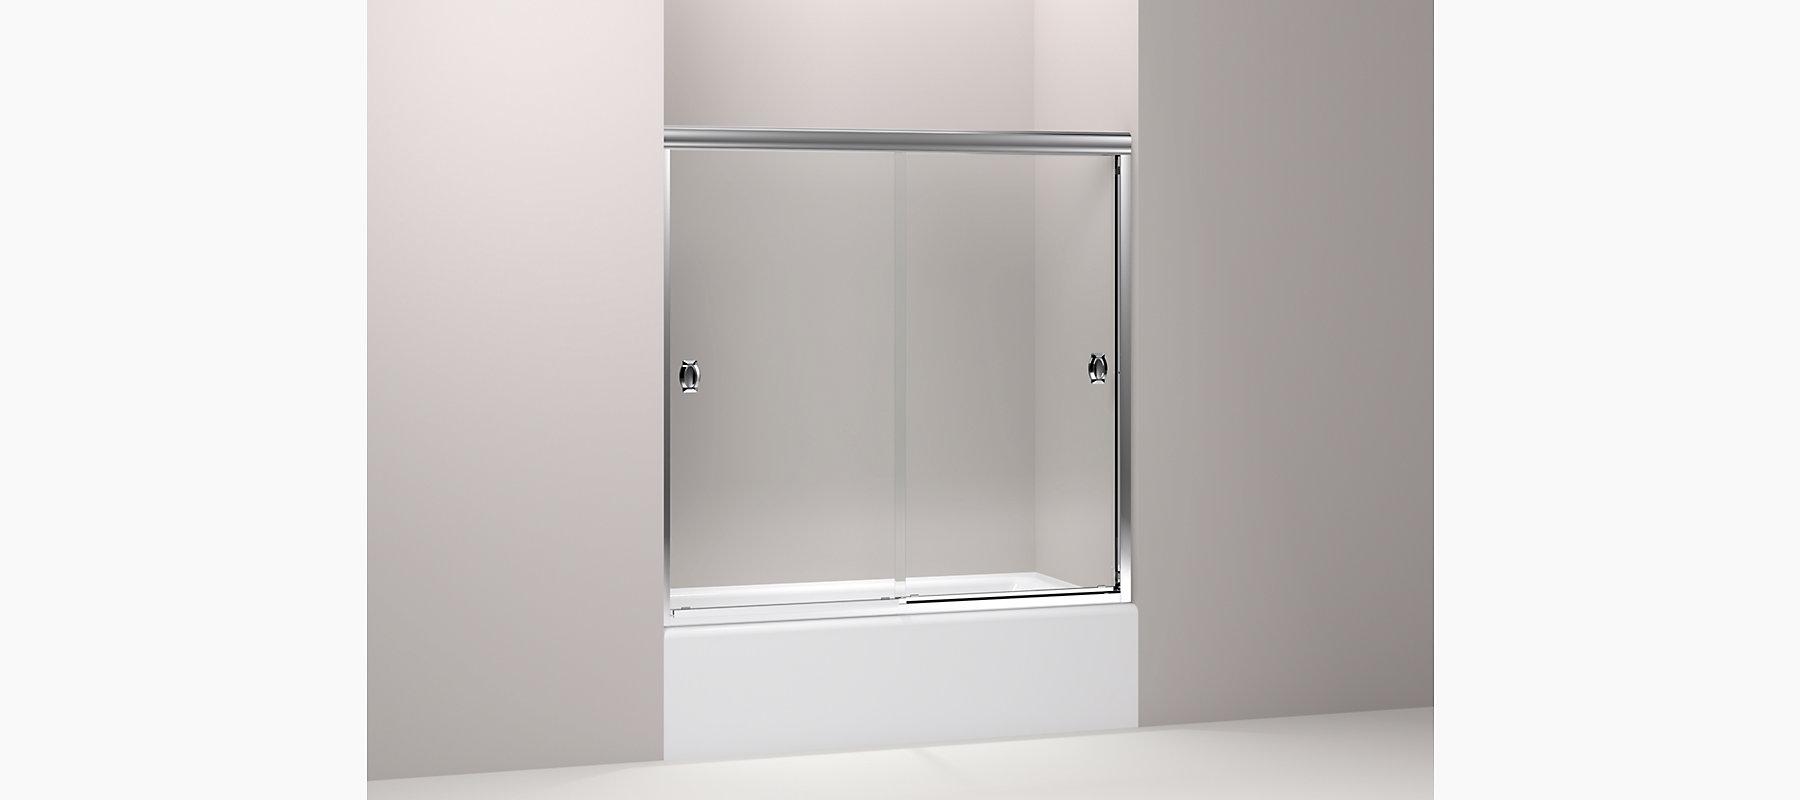 KOHLER  Devonshire Frameless Sliding Bath Door   KOHLER